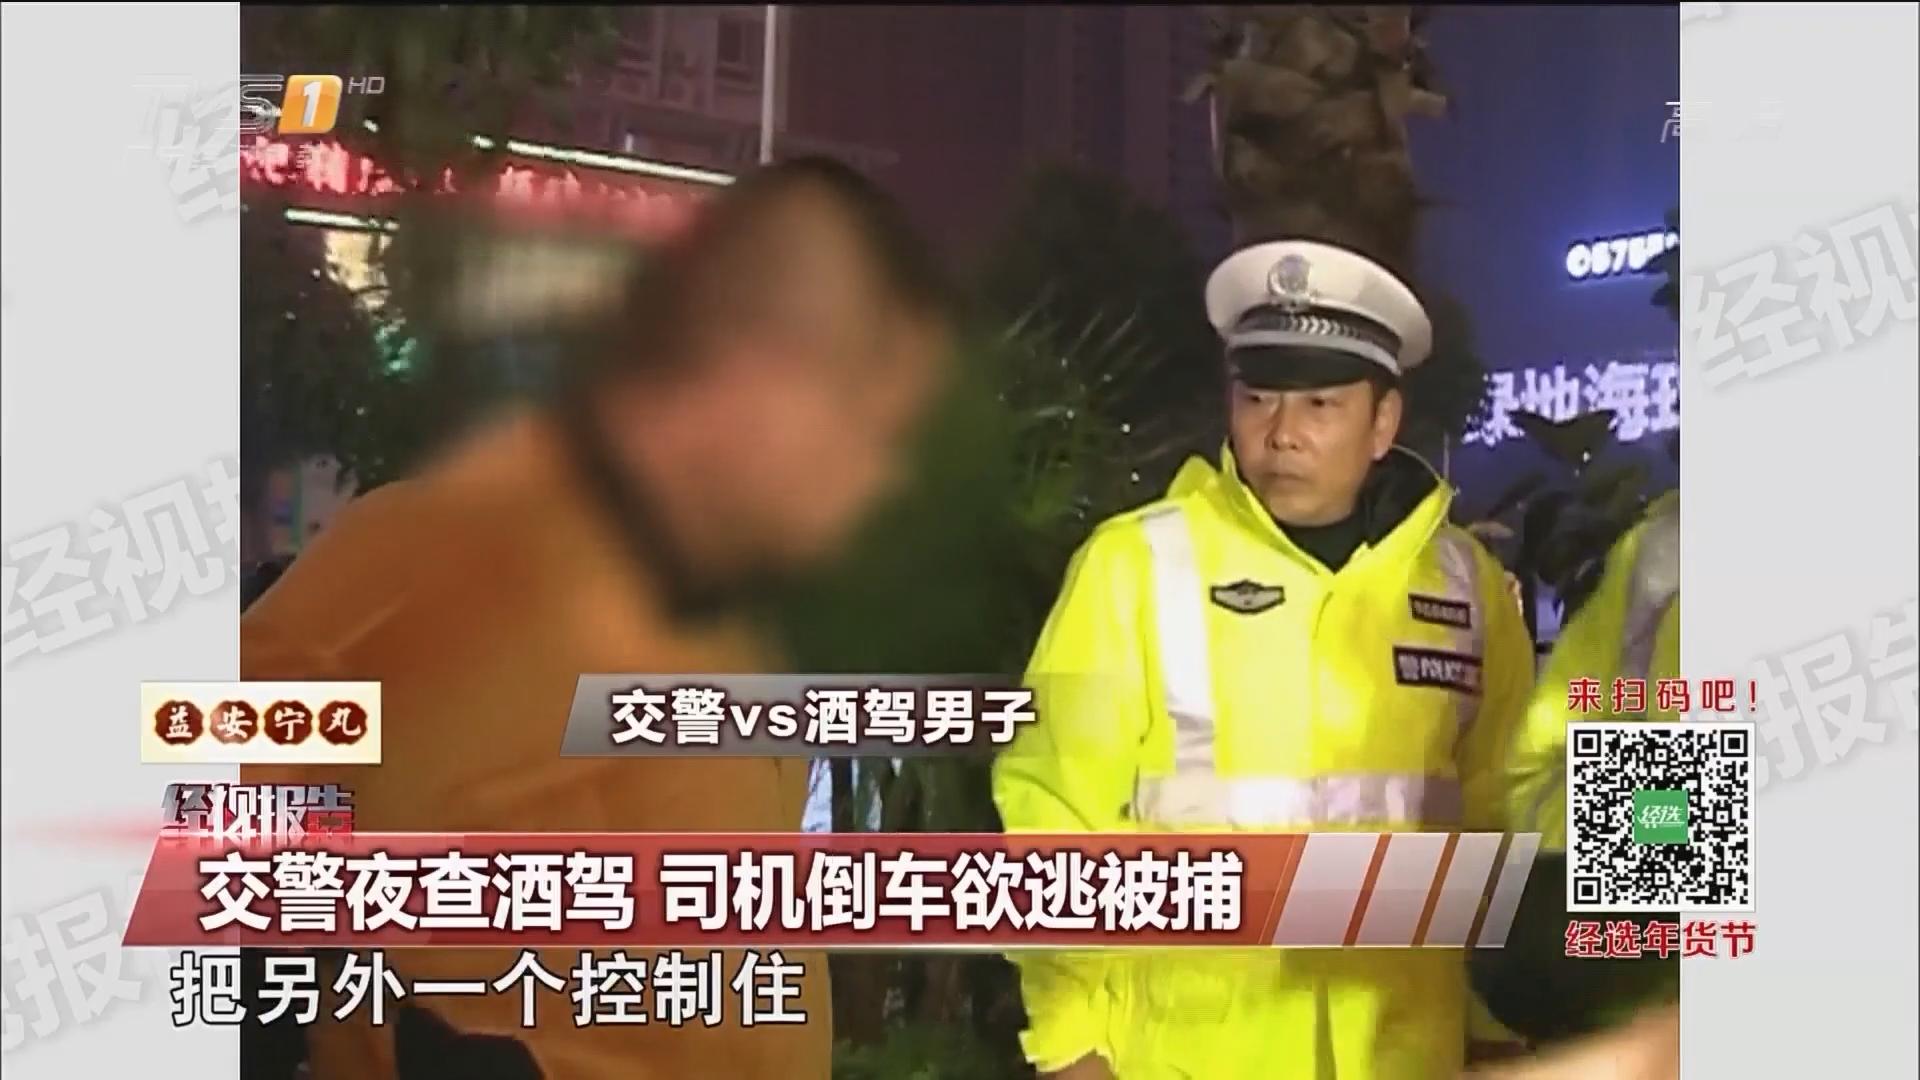 交警夜查酒驾 司机倒车欲逃被捕